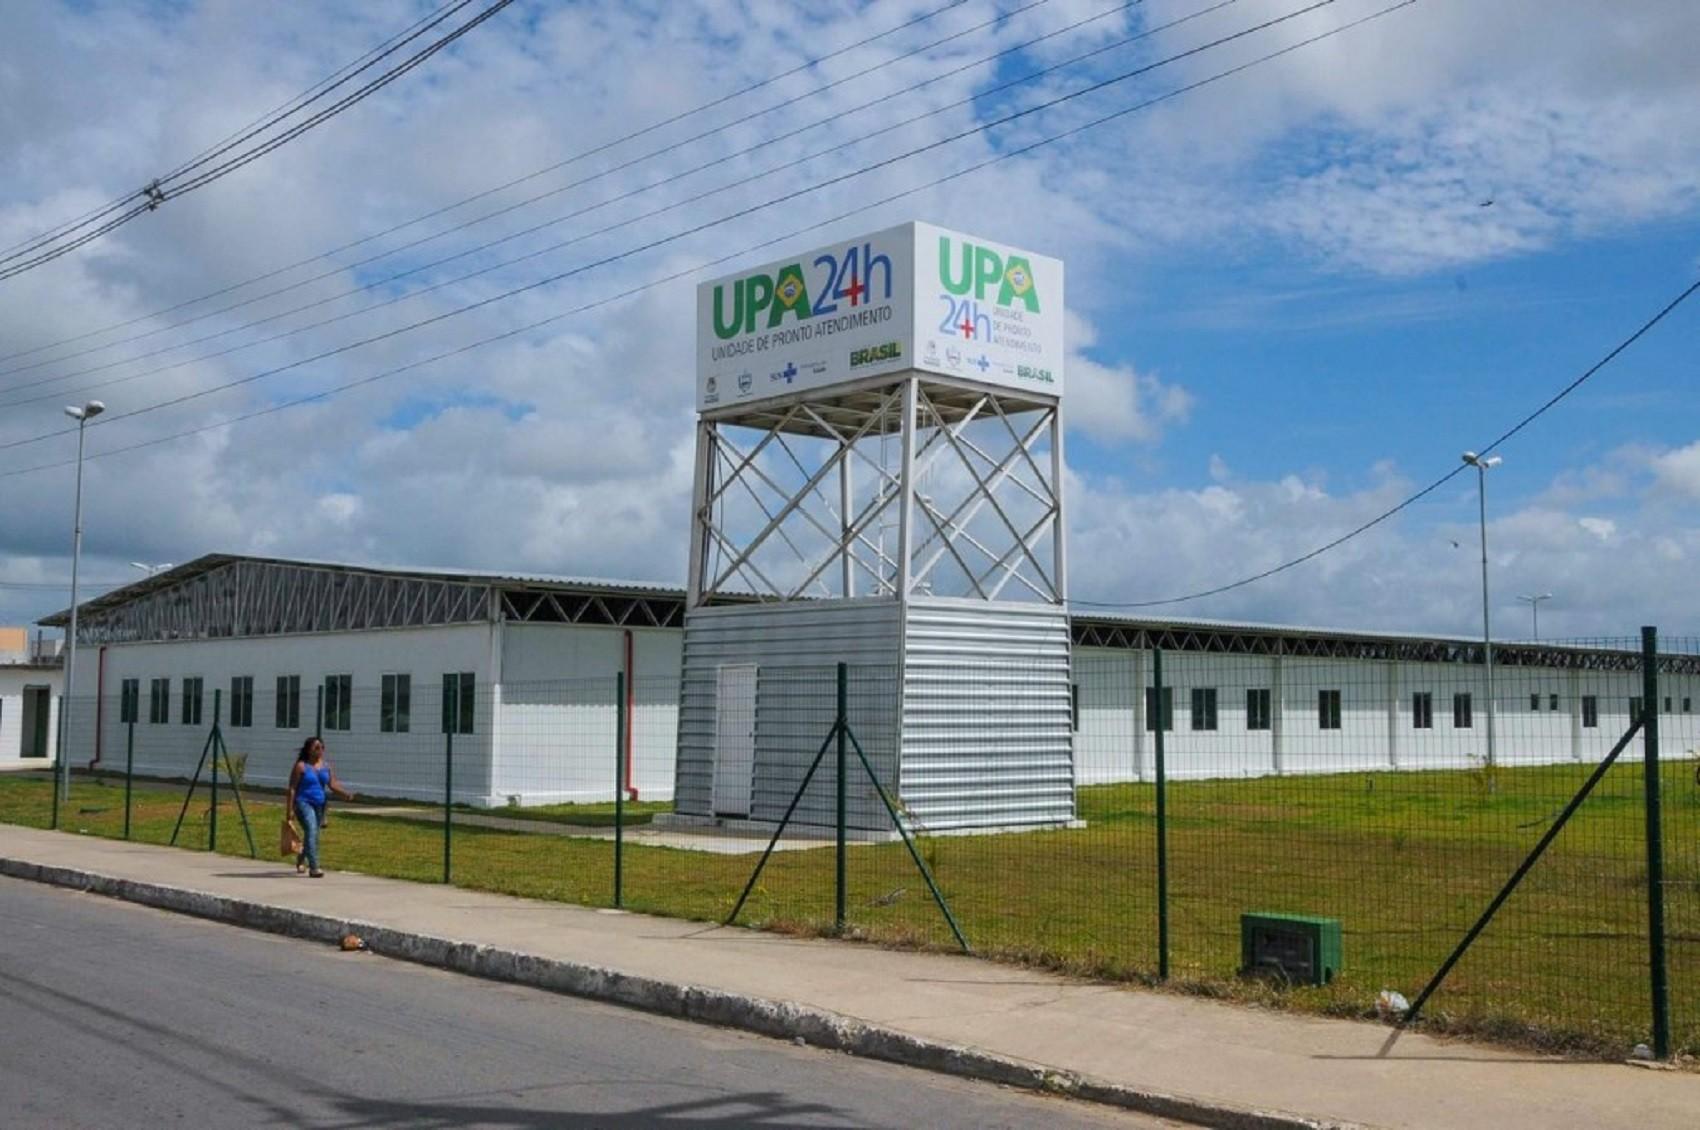 Instituto abre seleção para contratar profissionais para UPAs de Maceió - Notícias - Plantão Diário